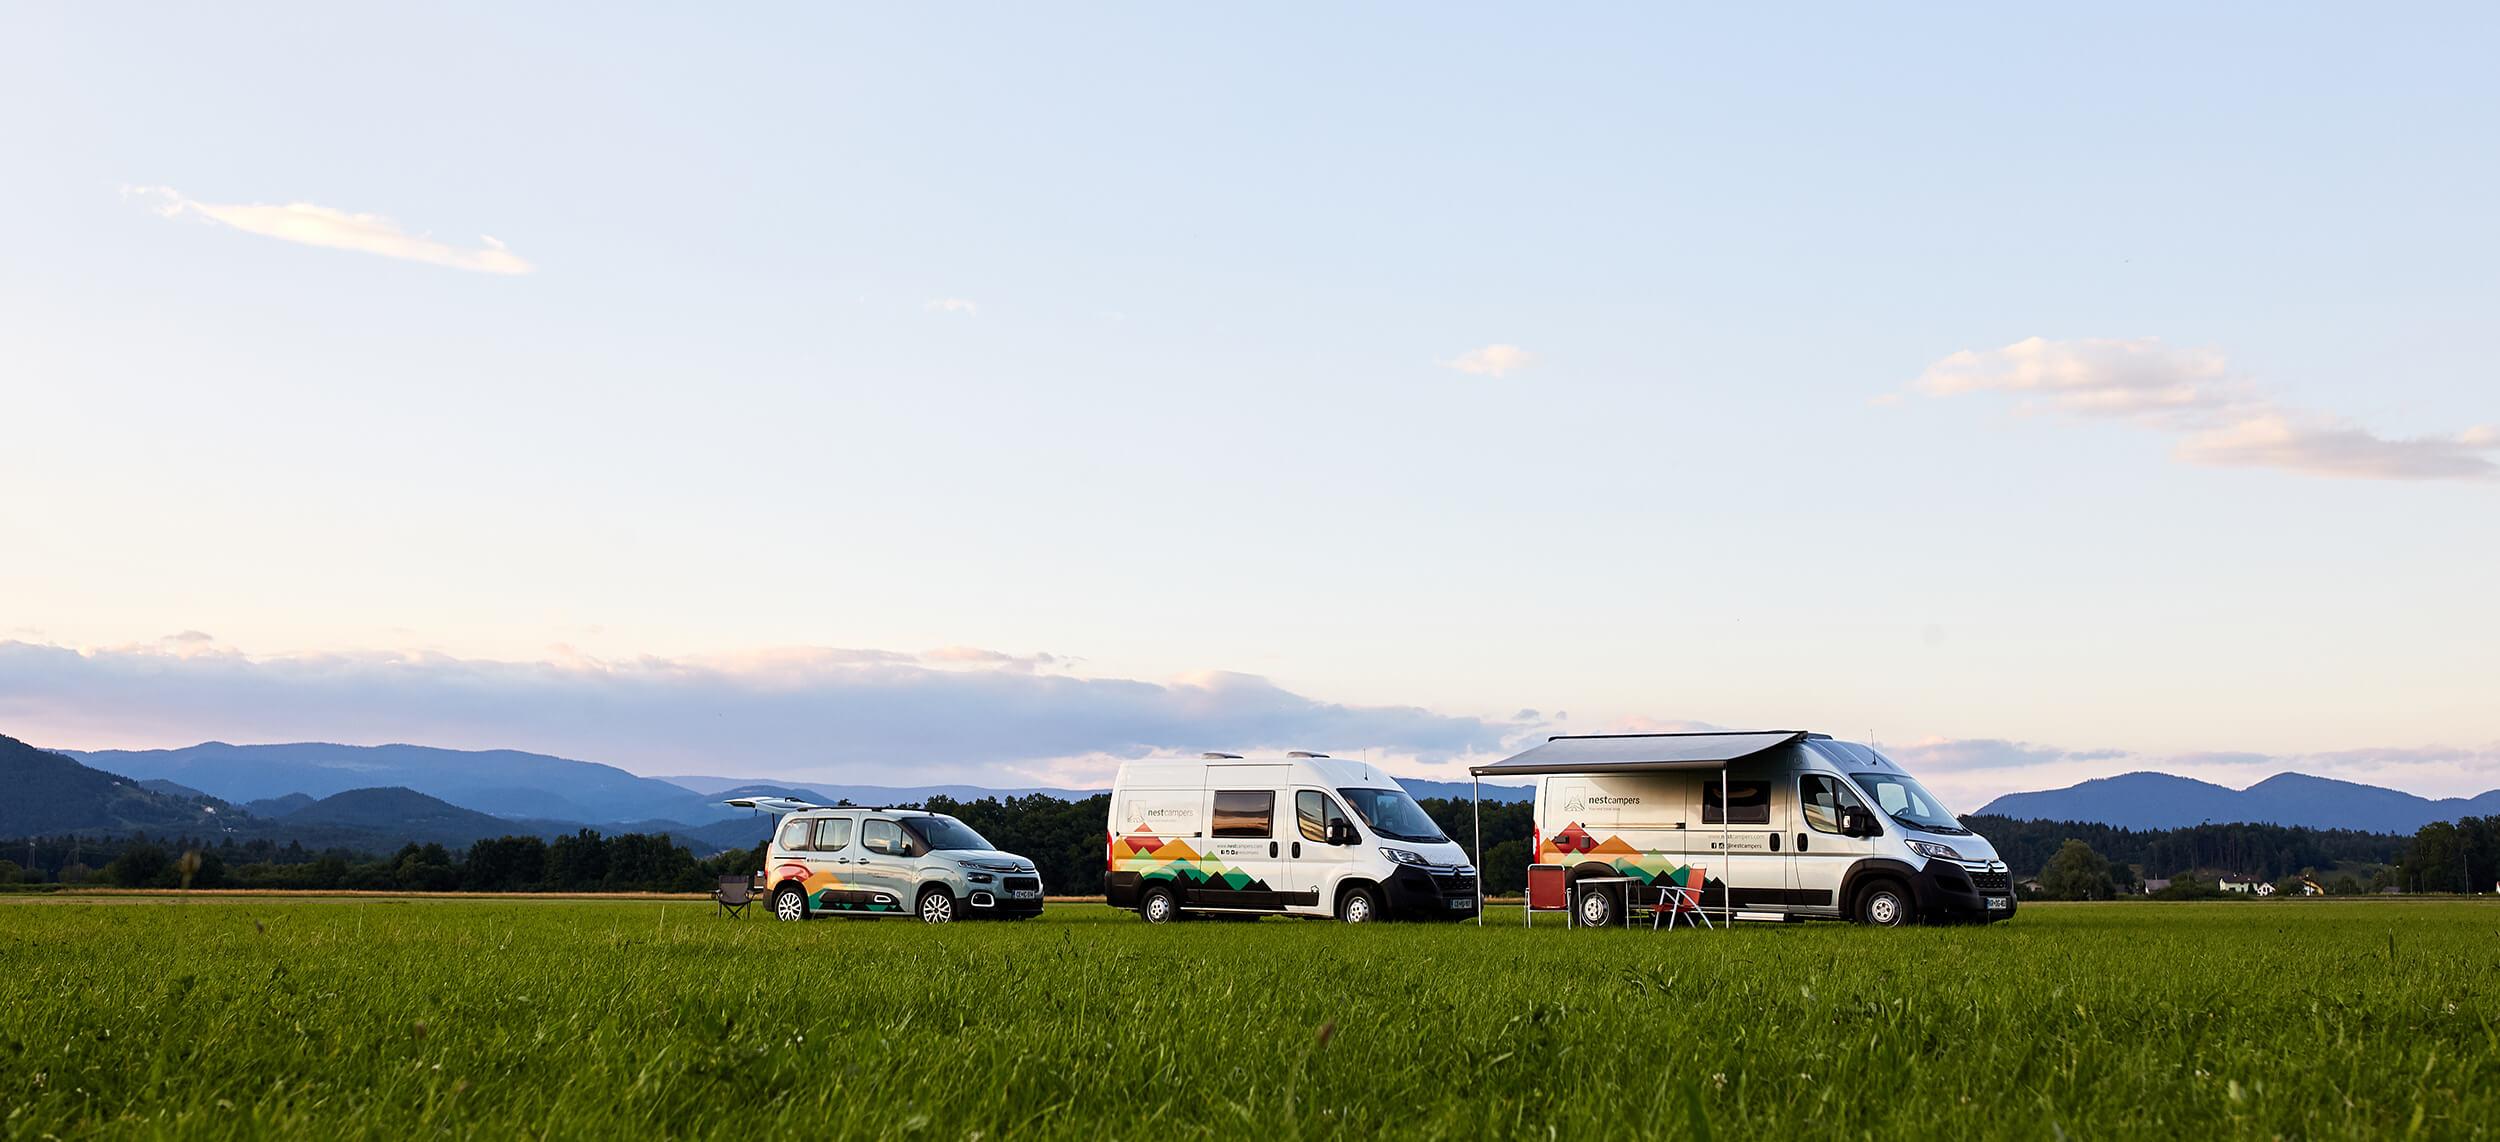 all campervans of NestCampers